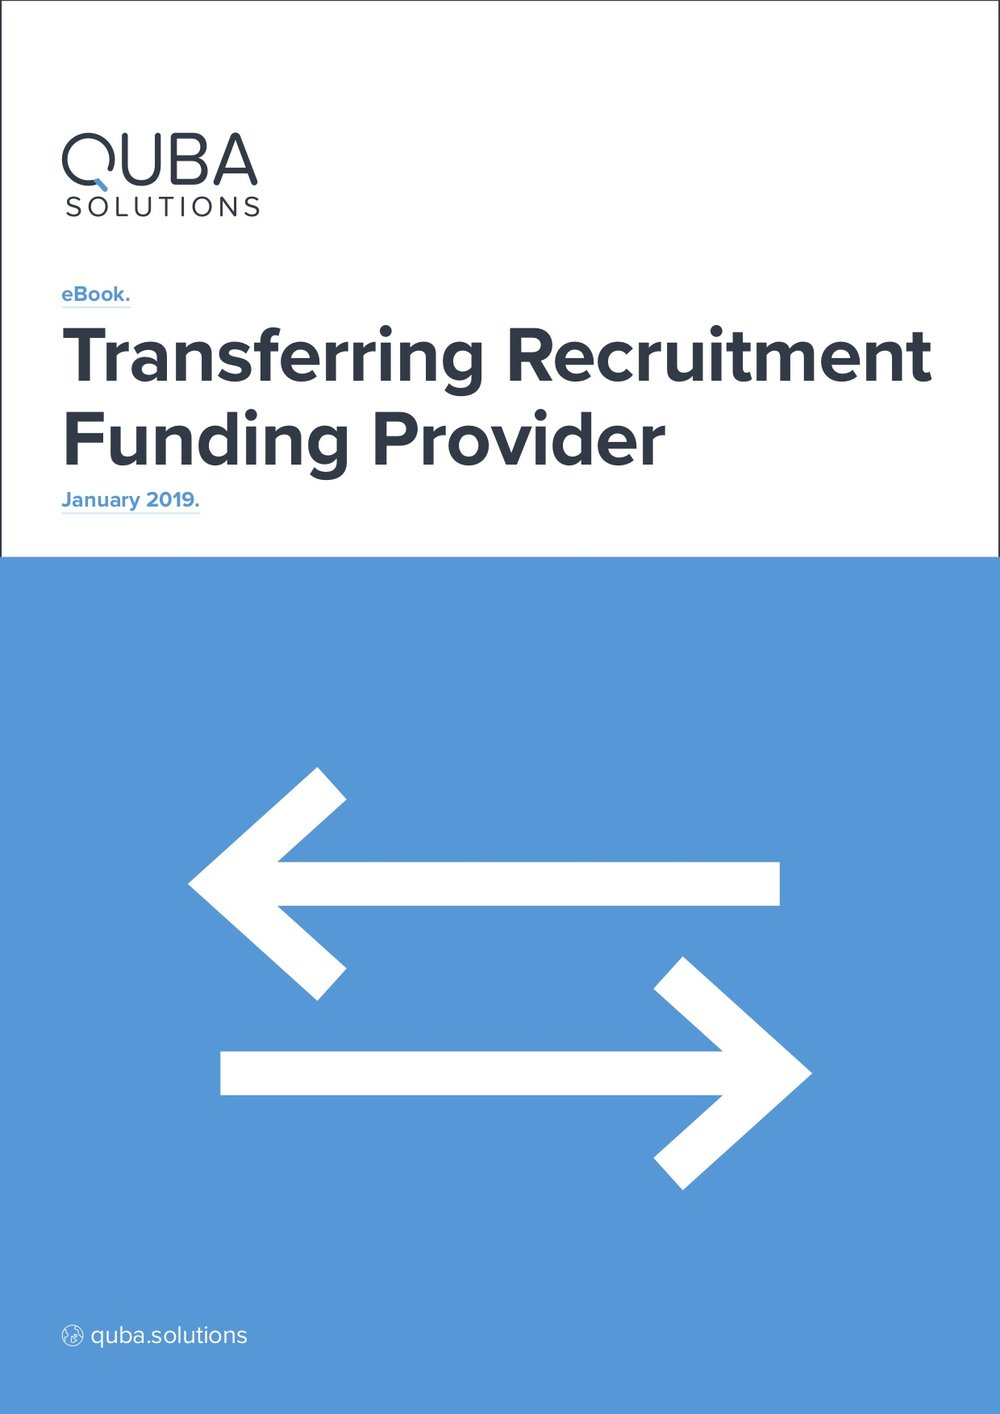 Transferring Recruitment Funding Provider (1).jpg